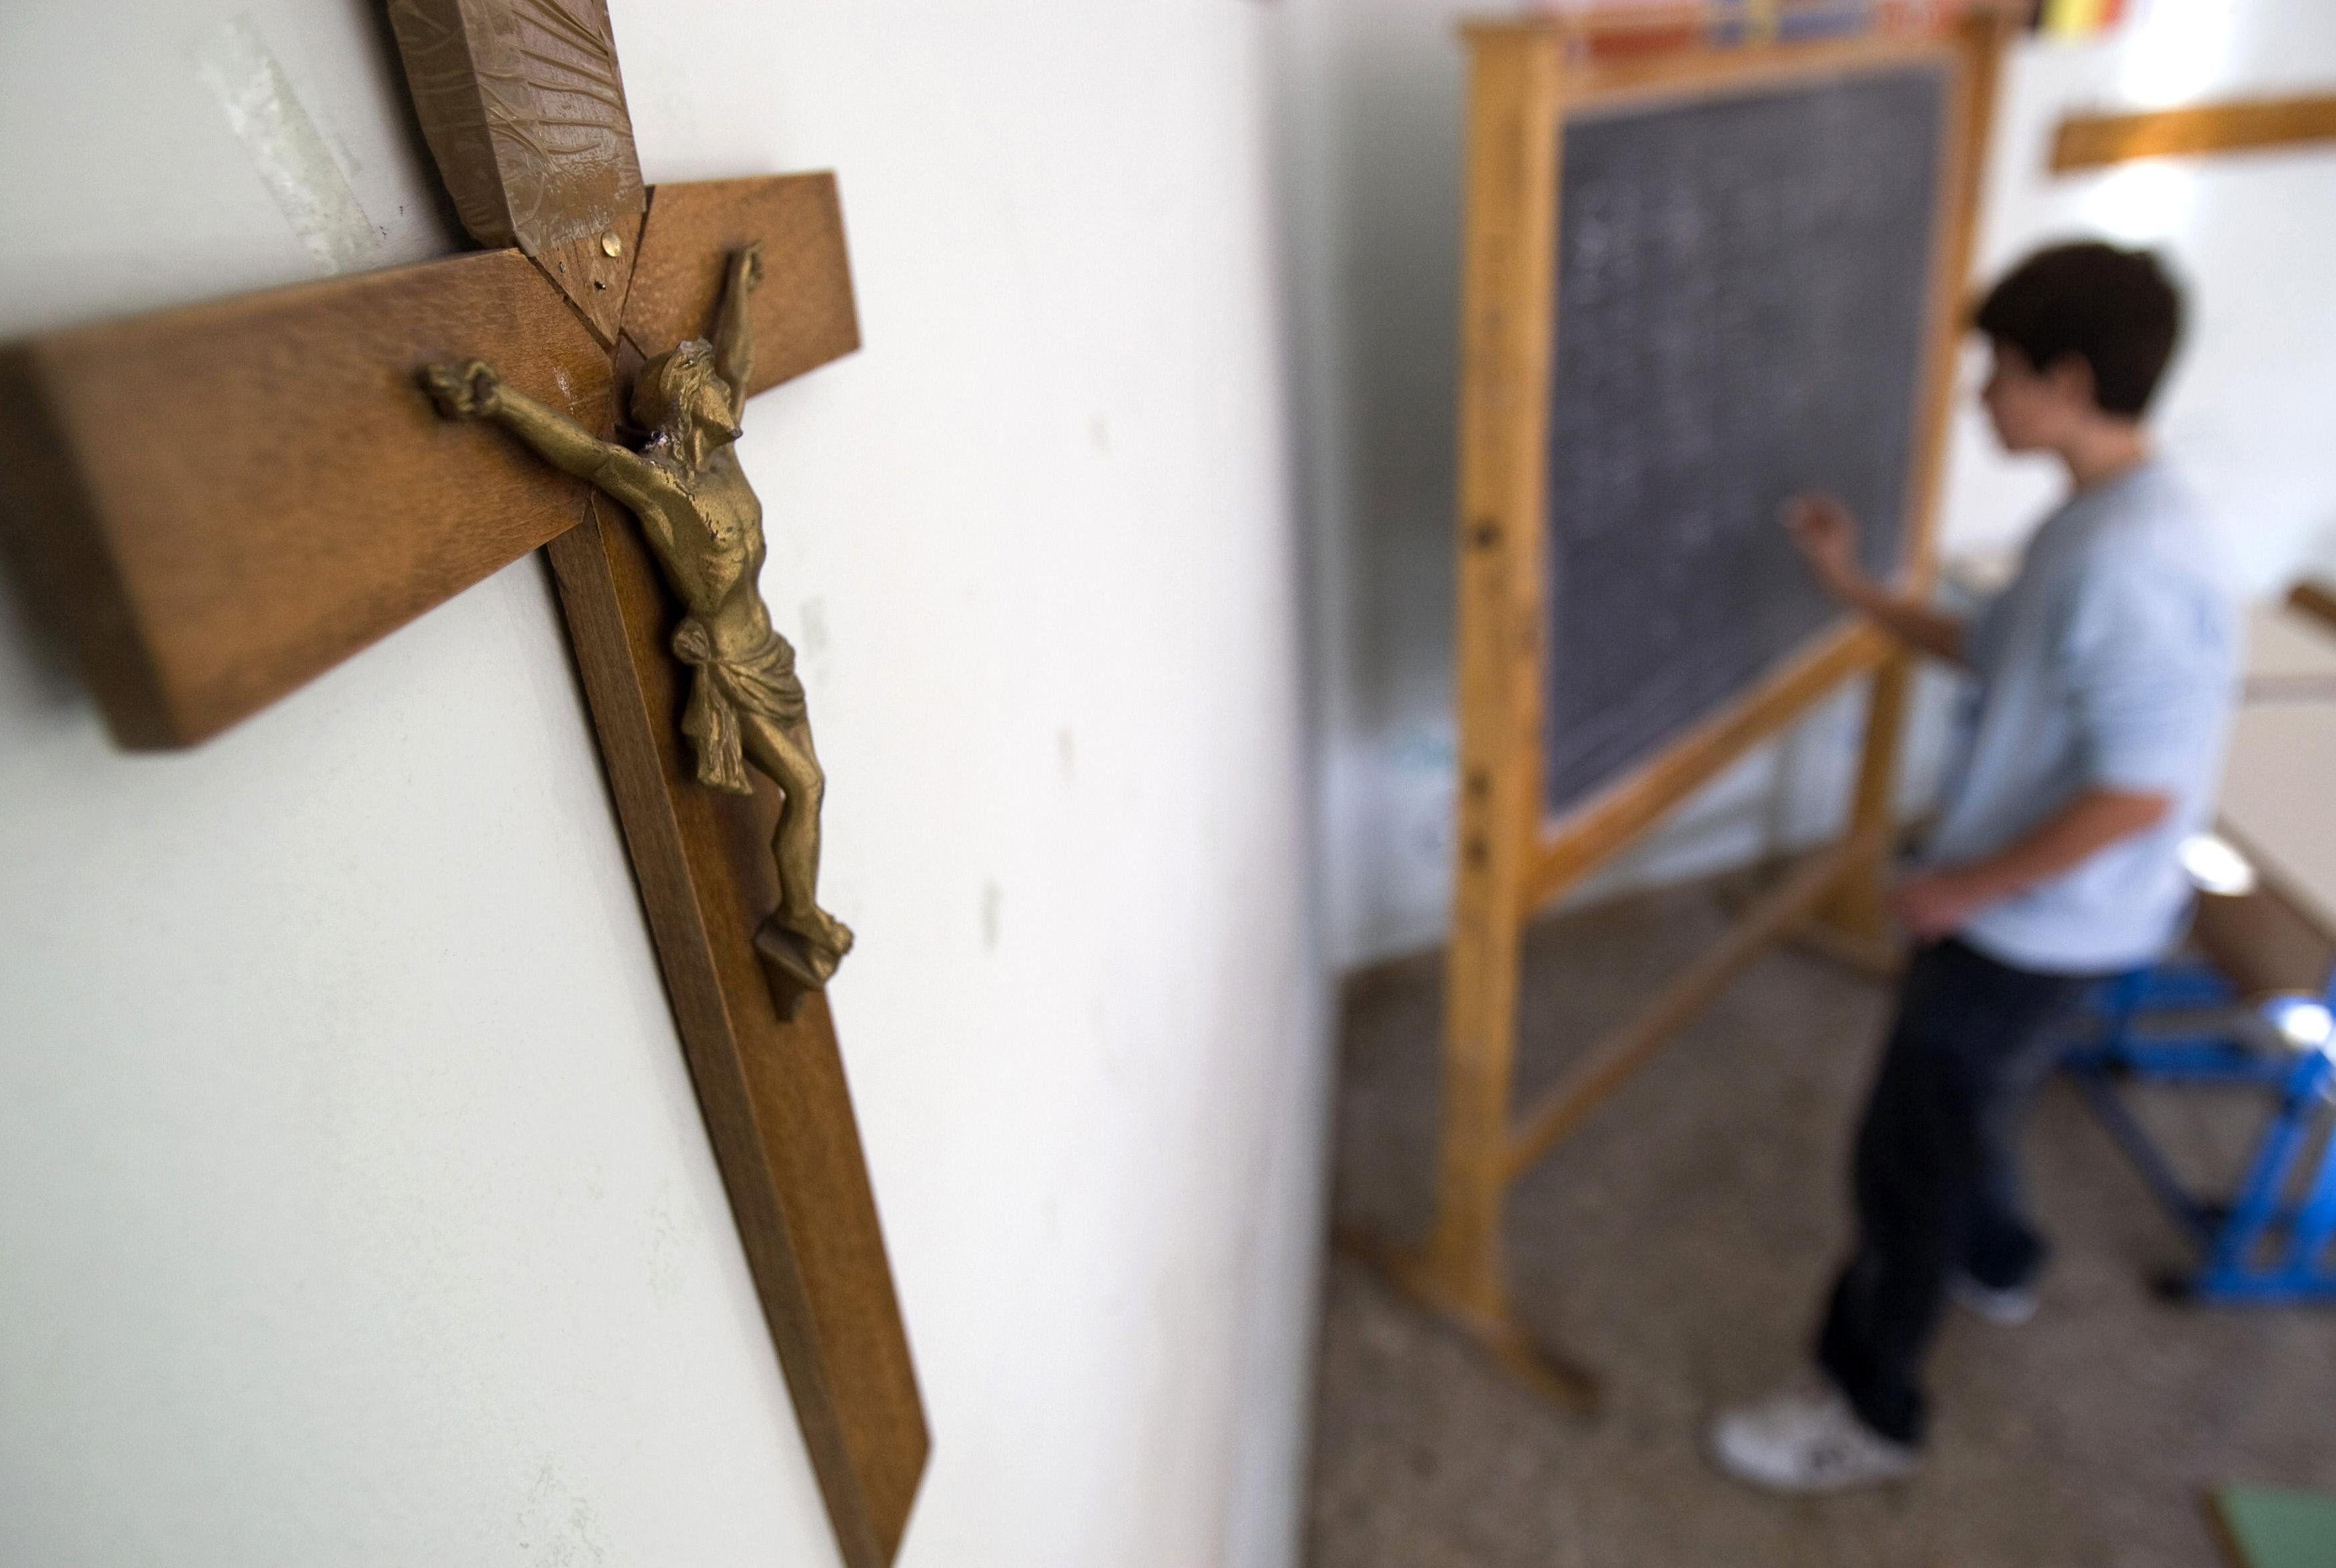 ¿Estás de acuerdo con que se estudie la religión obligatoriamente en los colegios e institutos?